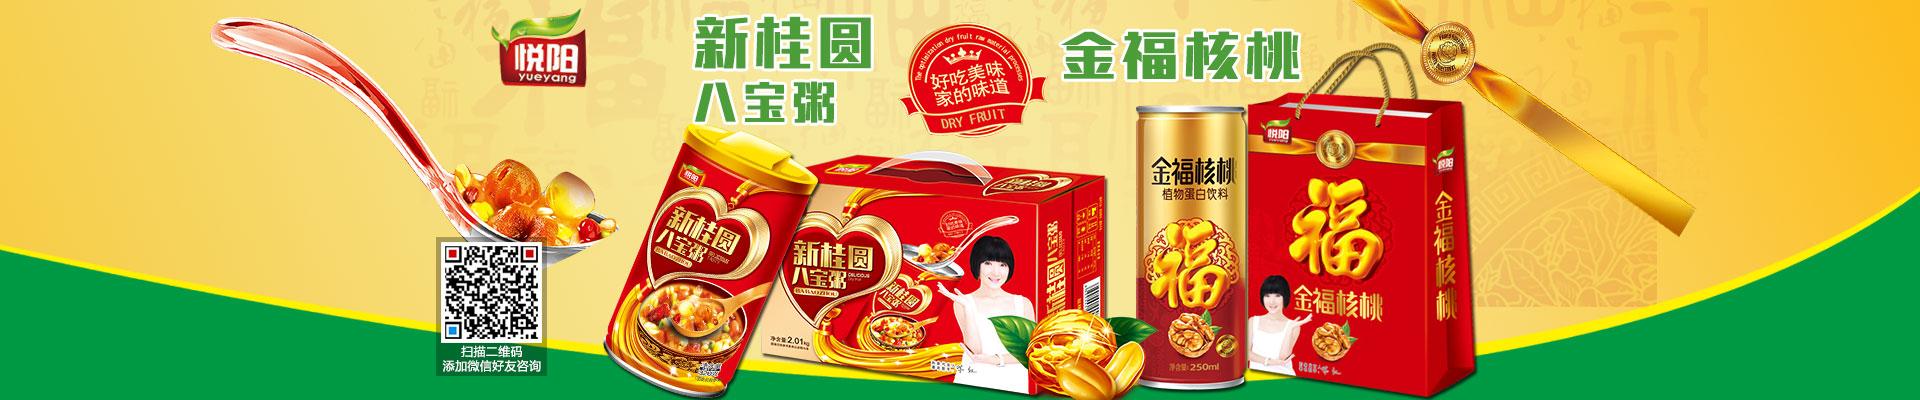 河北悦阳食品有限公司